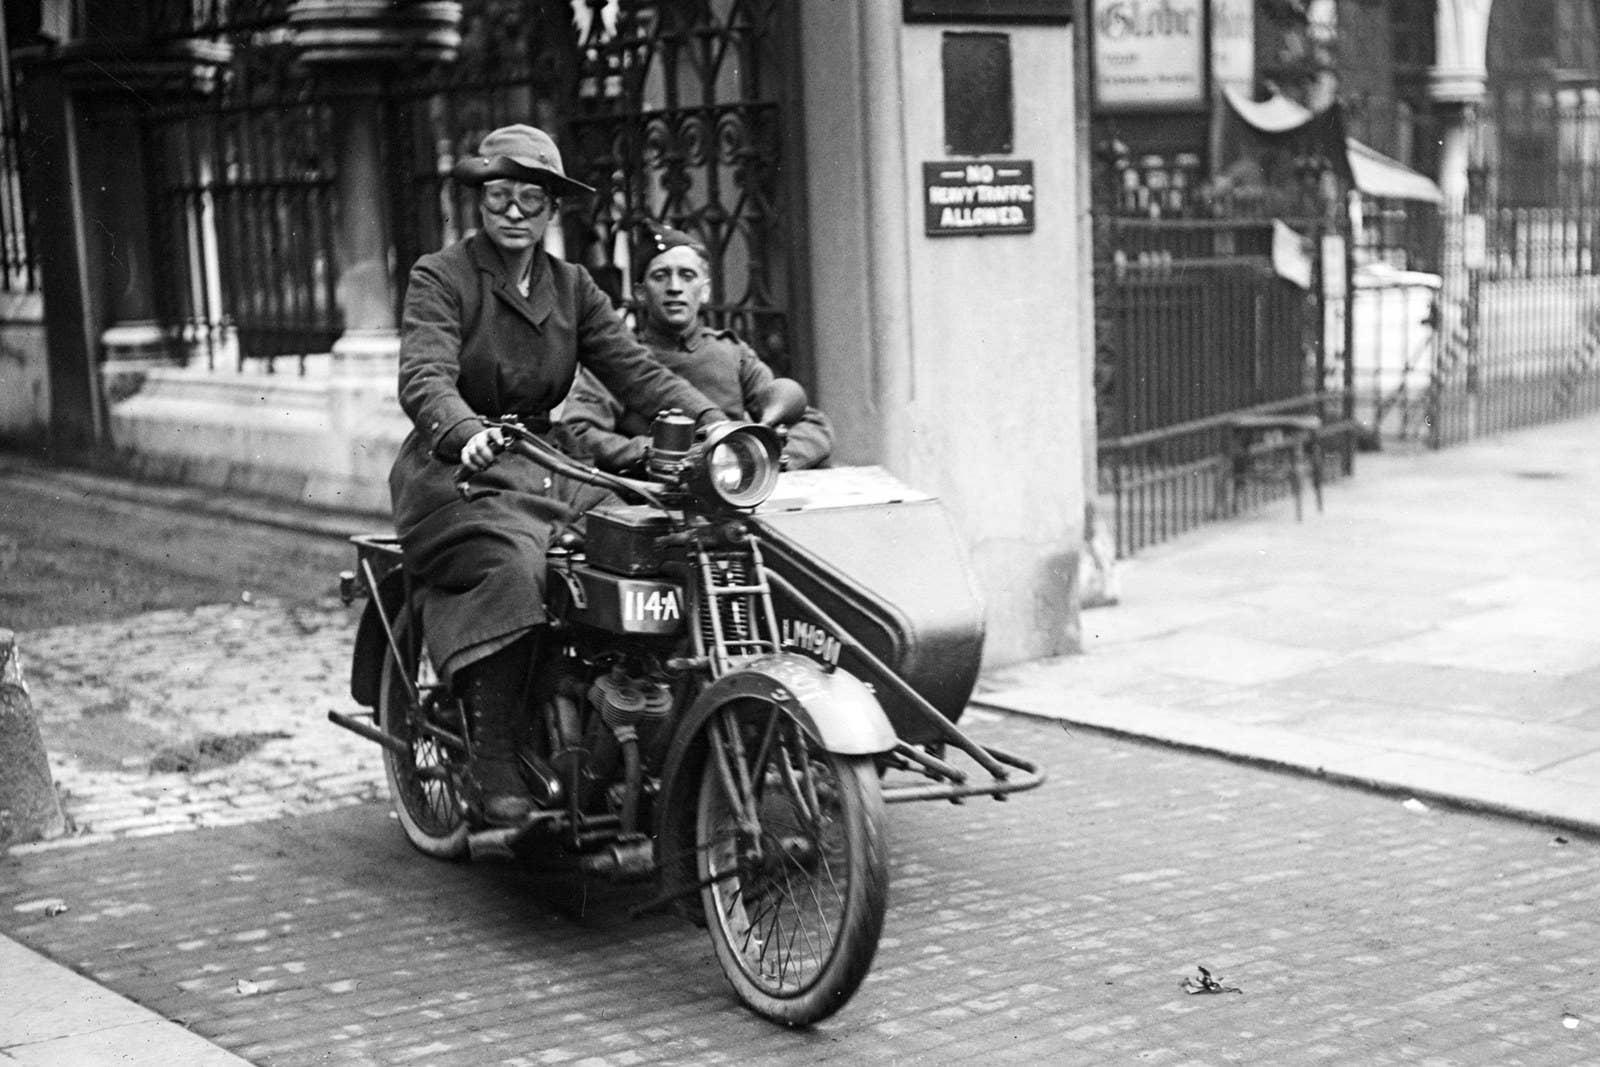 Dispatch rider during World War I, 1917.